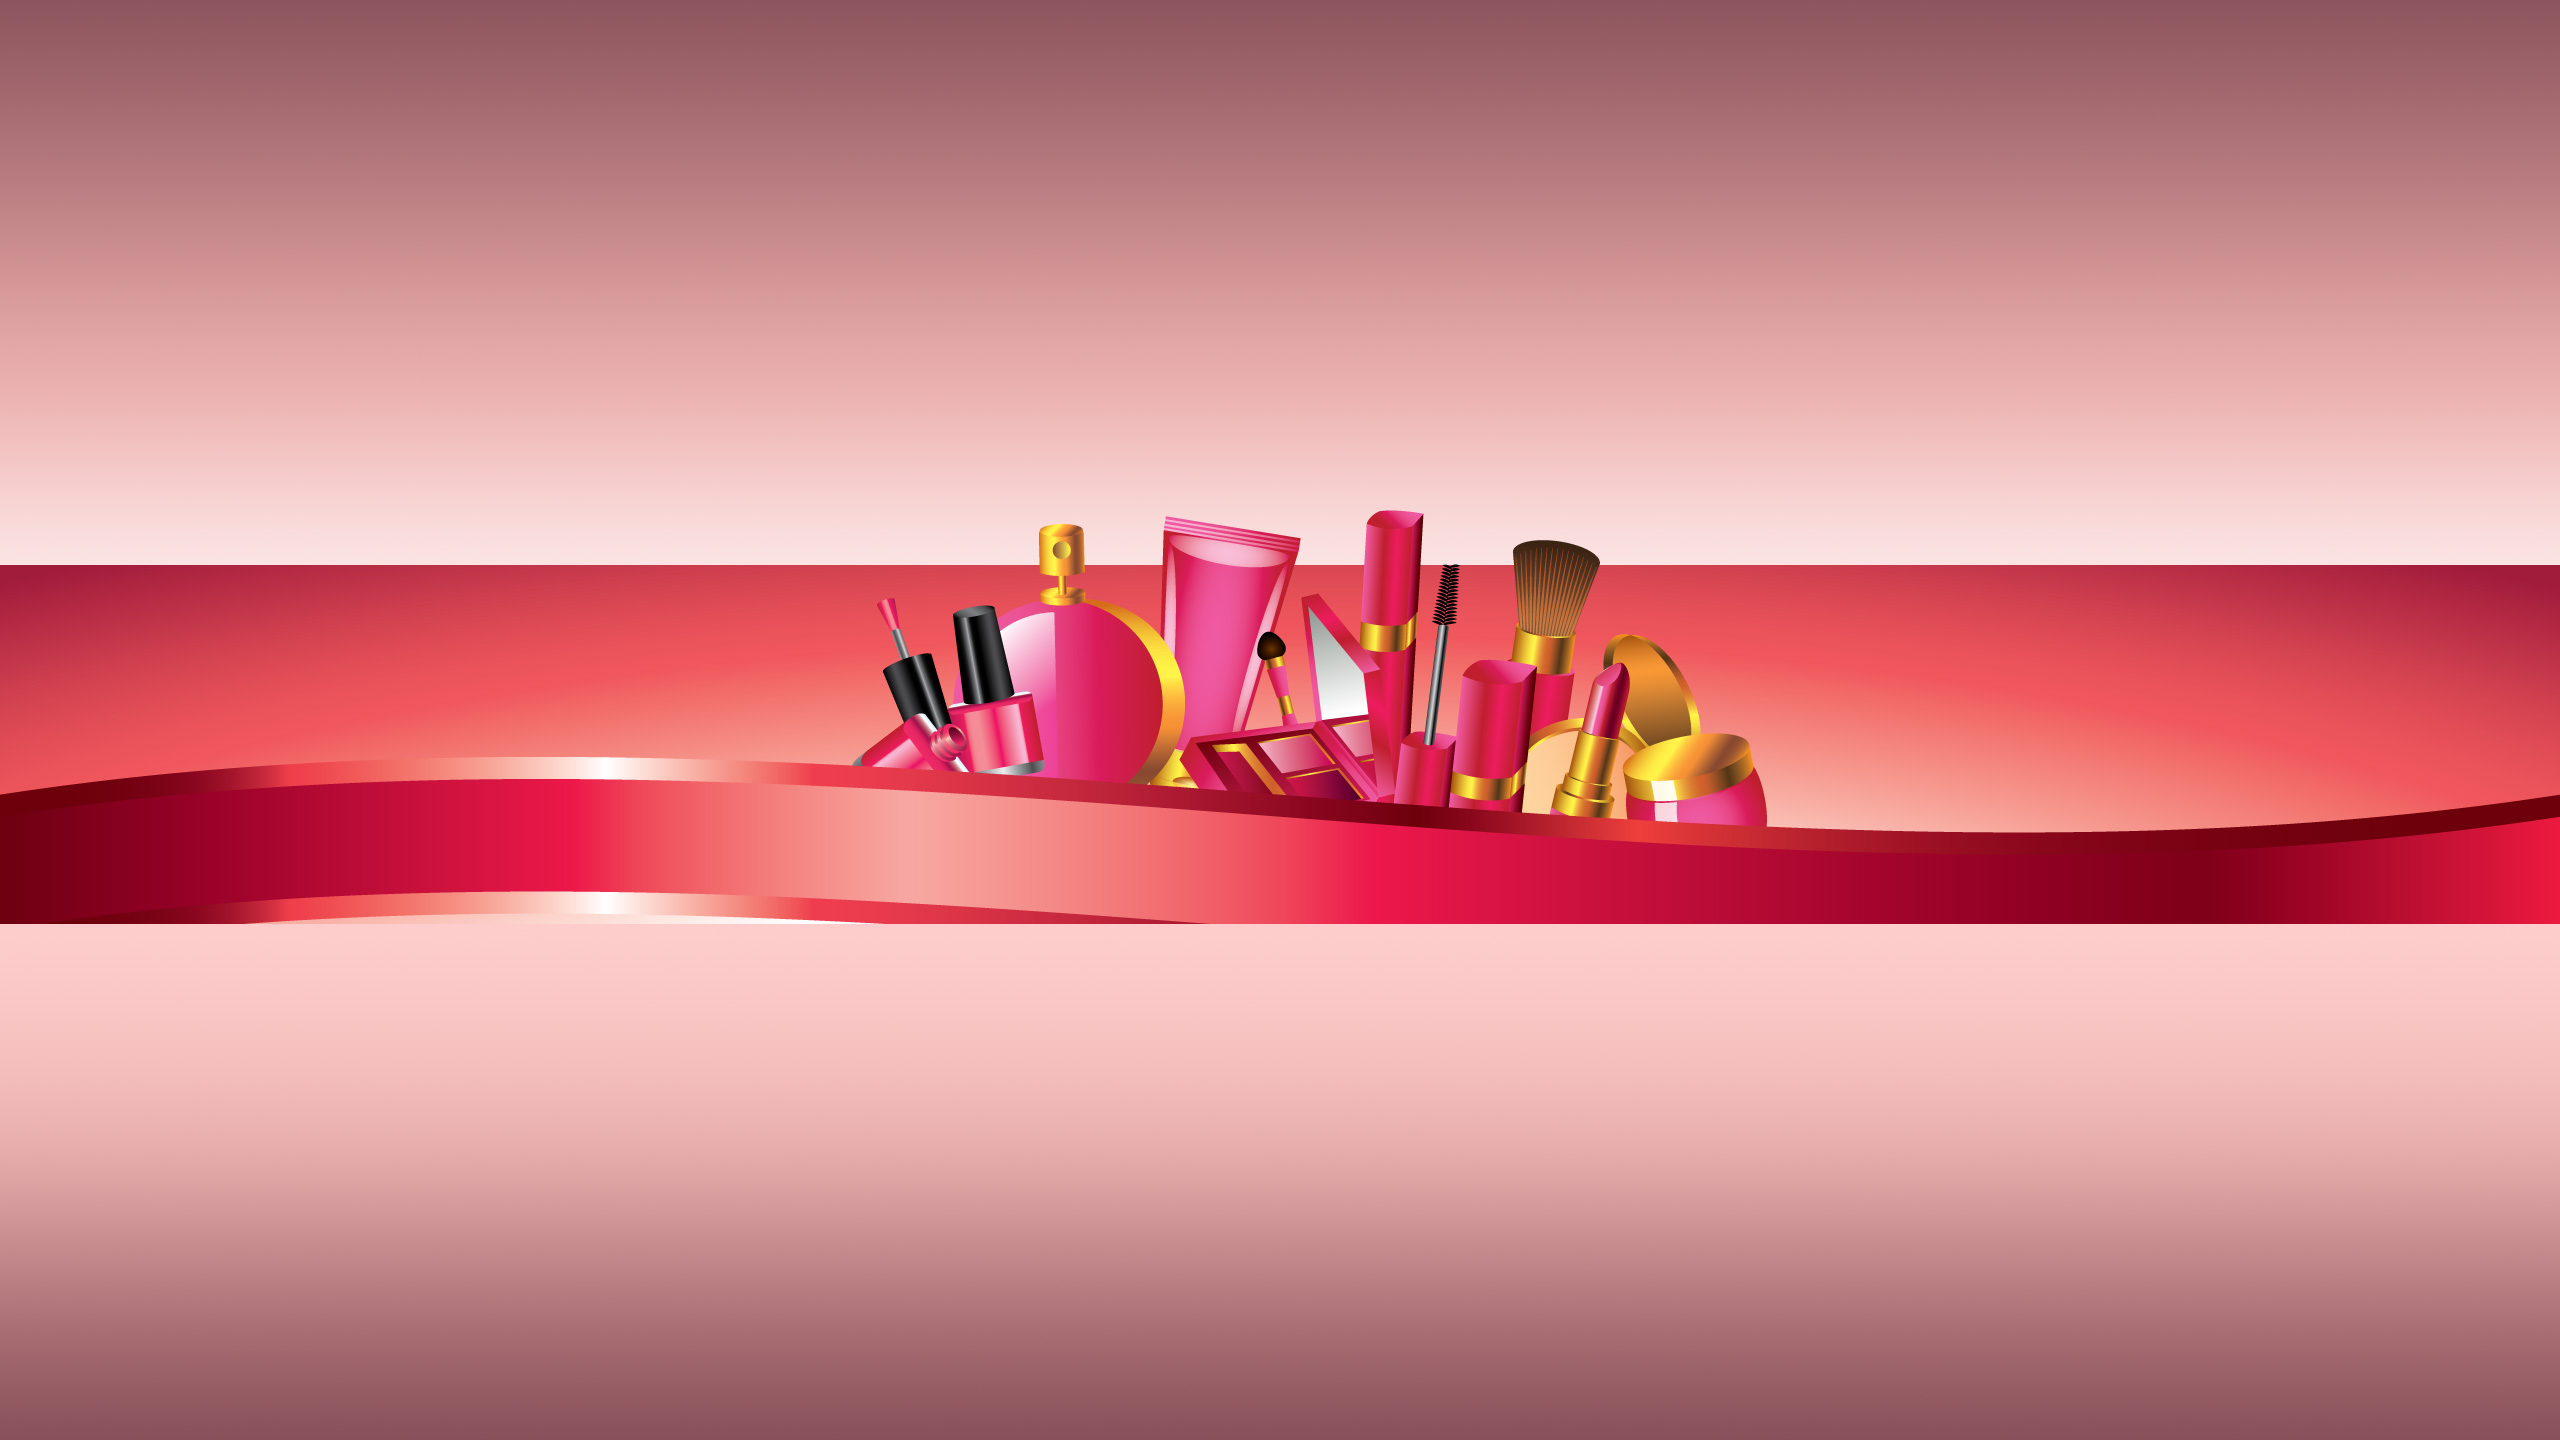 Розовая картинка для женского баннера на ютуб с косметикой.